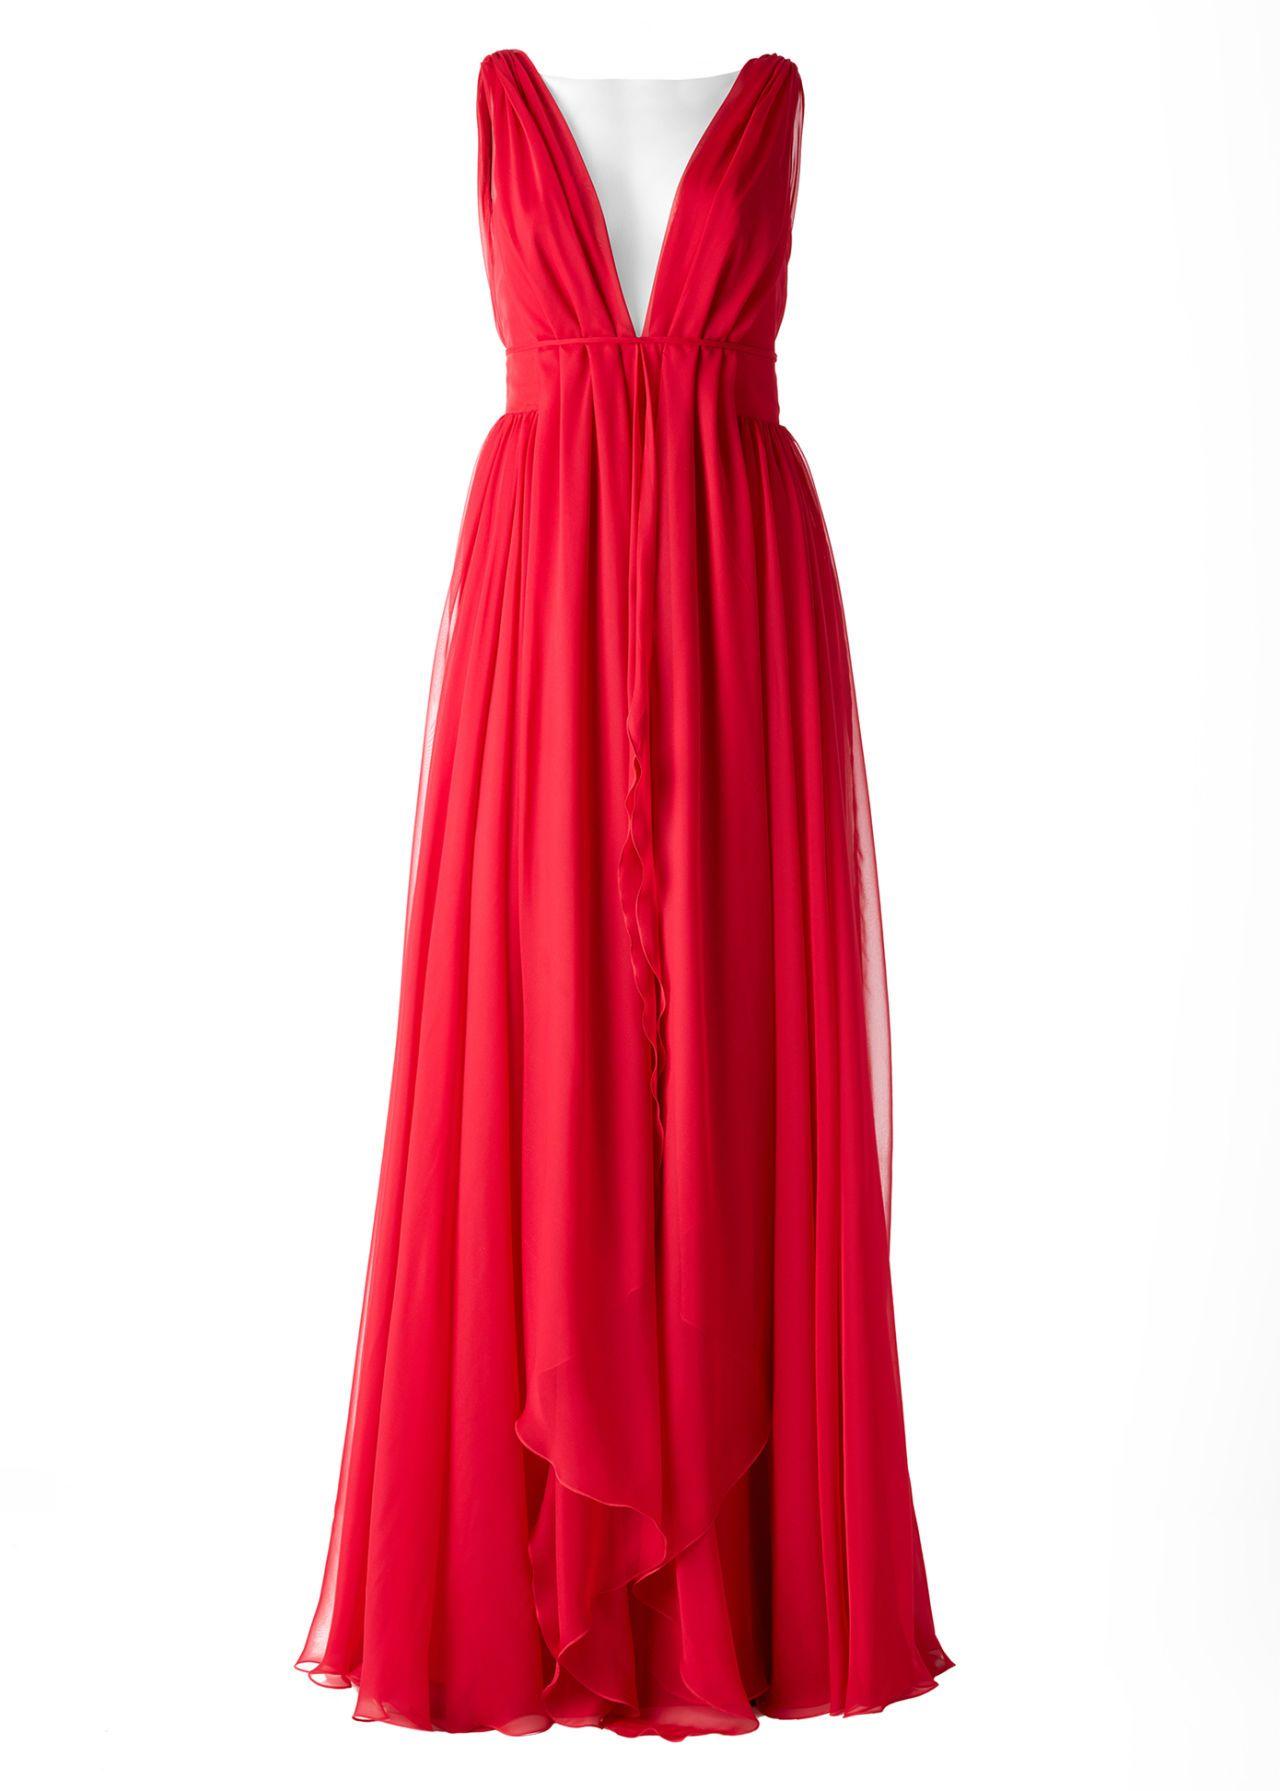 Modelli di vestiti rossi